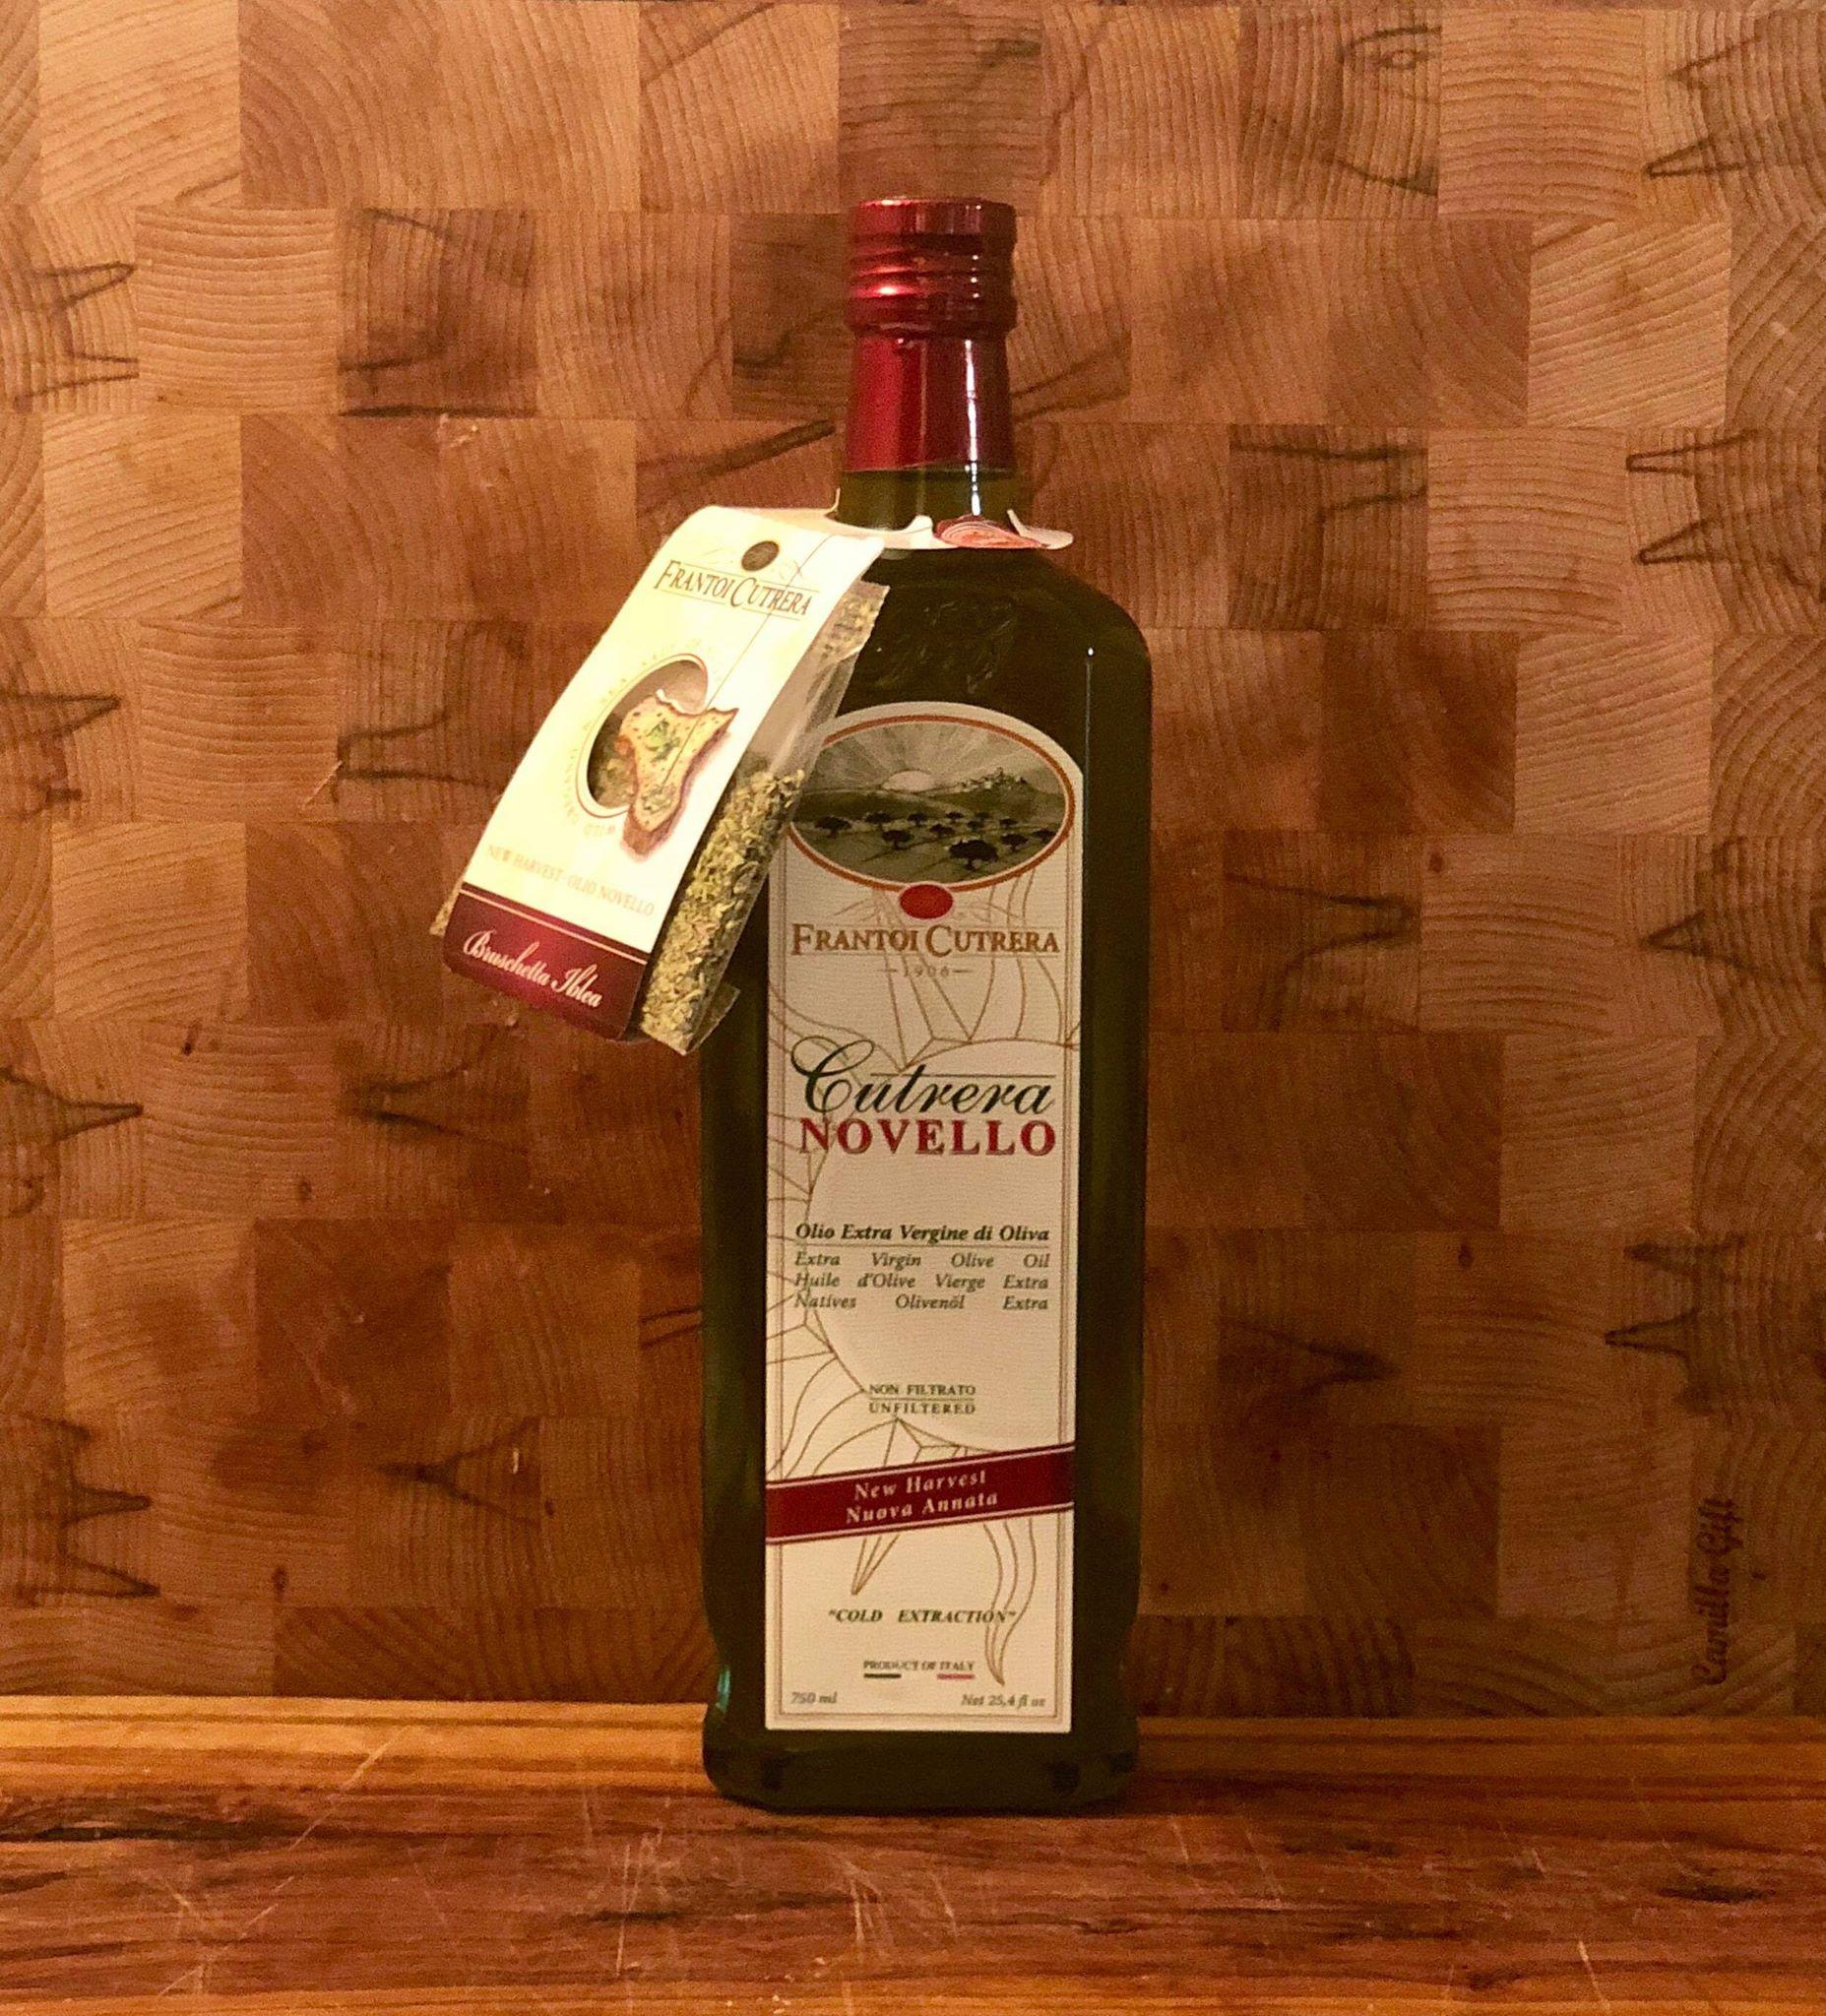 FRESCOLIO Cutrera  - huile extra vierge d'olive - Frais